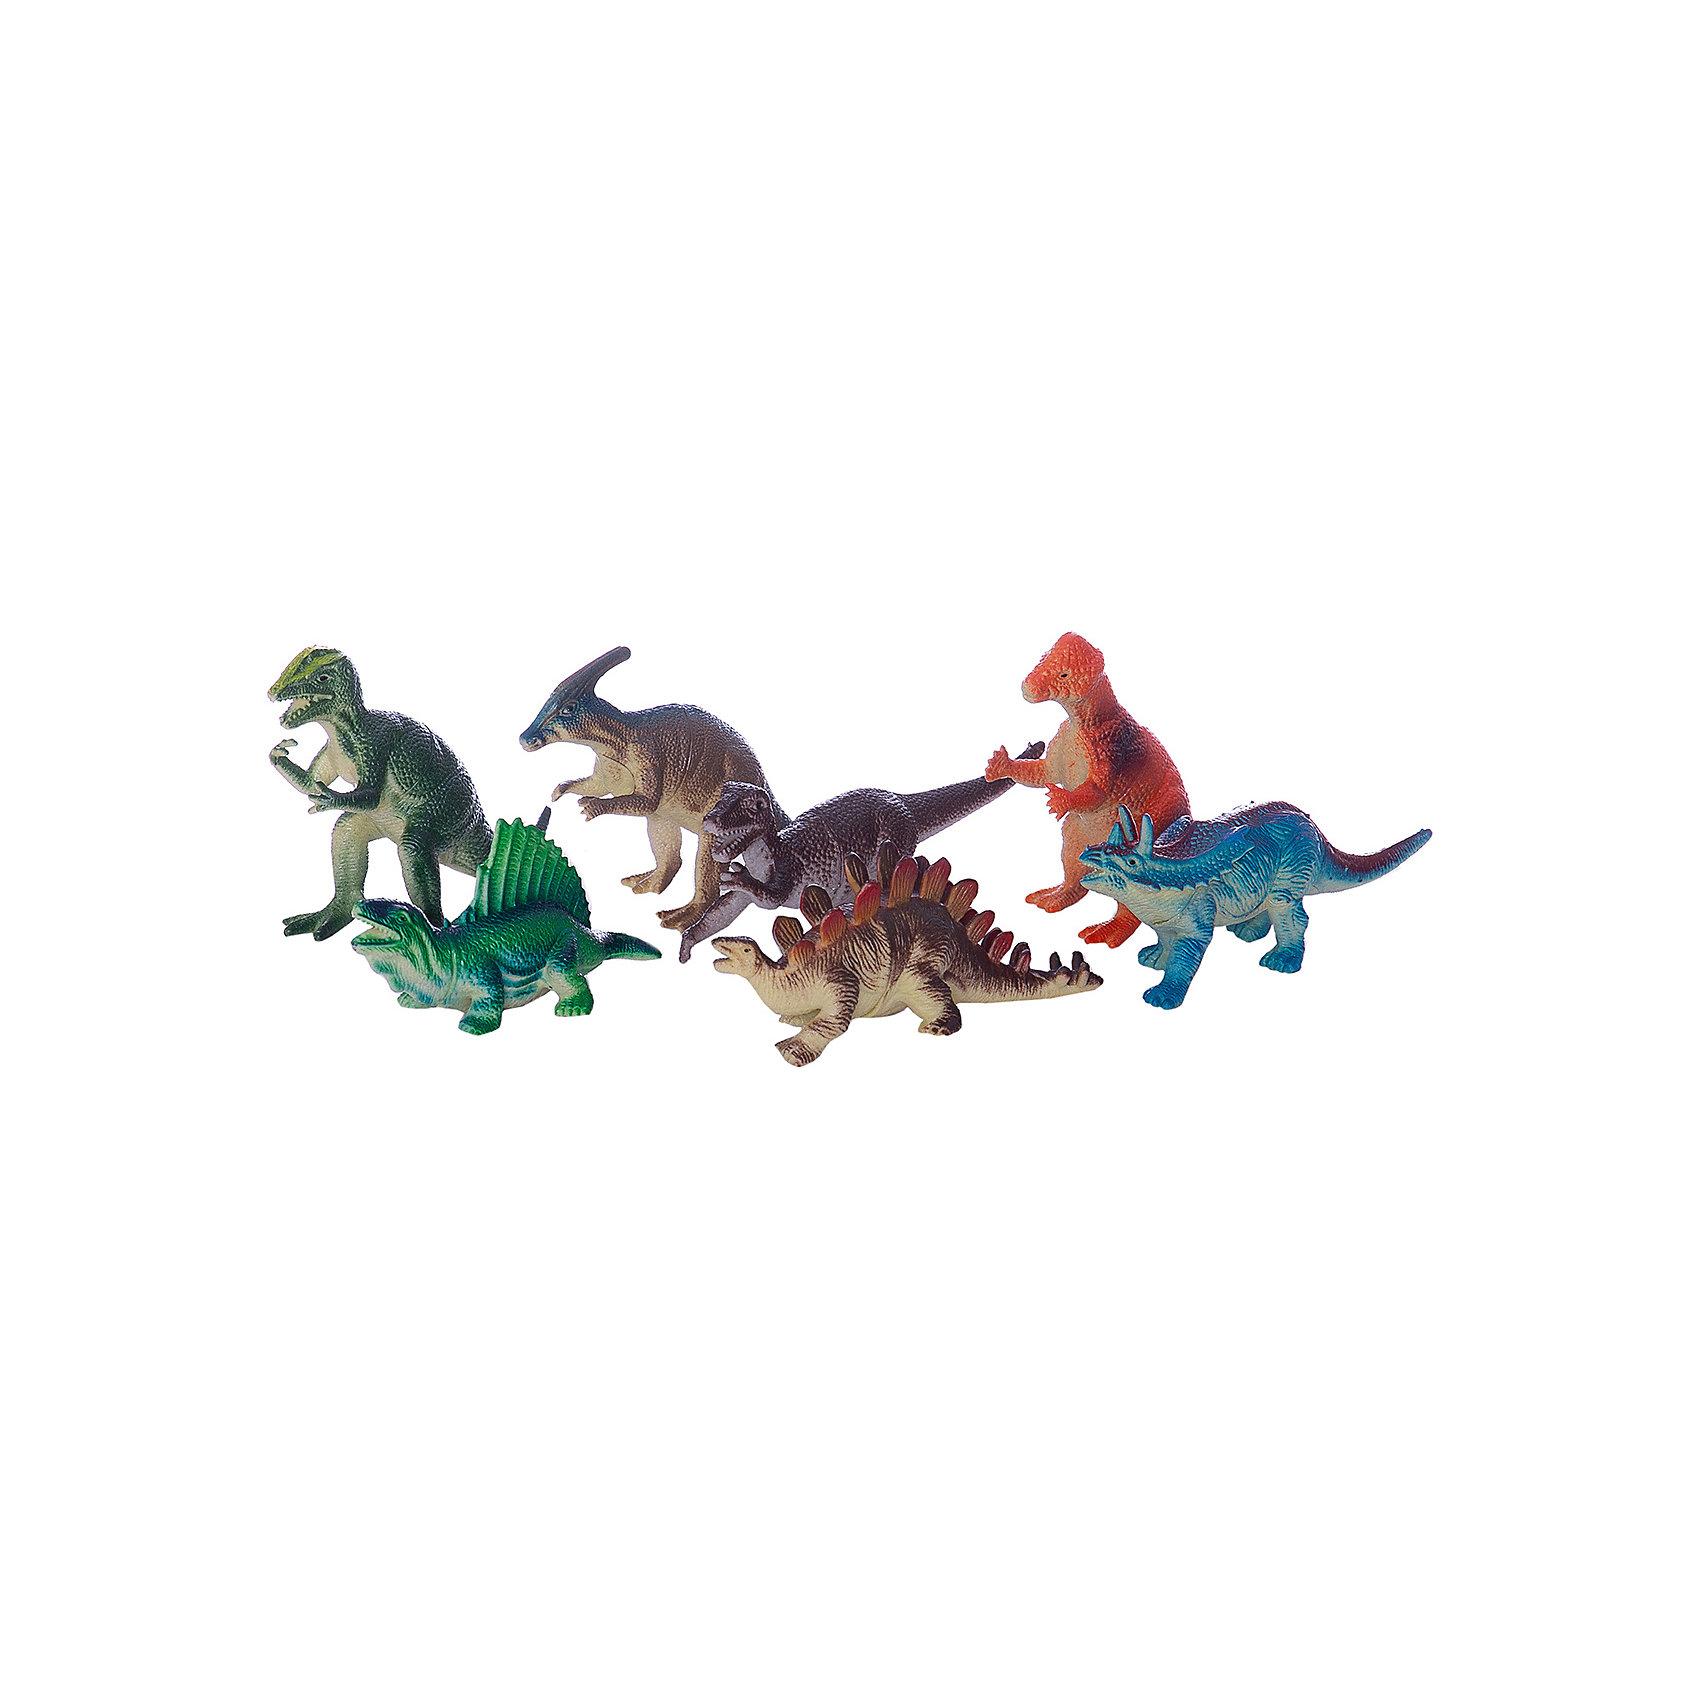 Набор из 7-и динозавров, 12,5см, Играем вместеДраконы и динозавры<br>Яркий набор из семи динозавров непременно порадует юного любителя животных!<br><br>Дополнительная информация:<br><br>- Возраст: от 1 года.<br>- Размер динозавра: 12,5 см.<br>- Кол-во динозавров: 7 шт.<br>- Материал: пластик, силикон.<br>- Размер упаковки: 4х25х18 см.<br>- Вес в упаковке: 190 г.<br><br>Купить набор из семи динозавров Играем вместе можно в нашем магазине.<br><br>Ширина мм: 110<br>Глубина мм: 300<br>Высота мм: 270<br>Вес г: 250<br>Возраст от месяцев: 12<br>Возраст до месяцев: 48<br>Пол: Унисекс<br>Возраст: Детский<br>SKU: 4891770